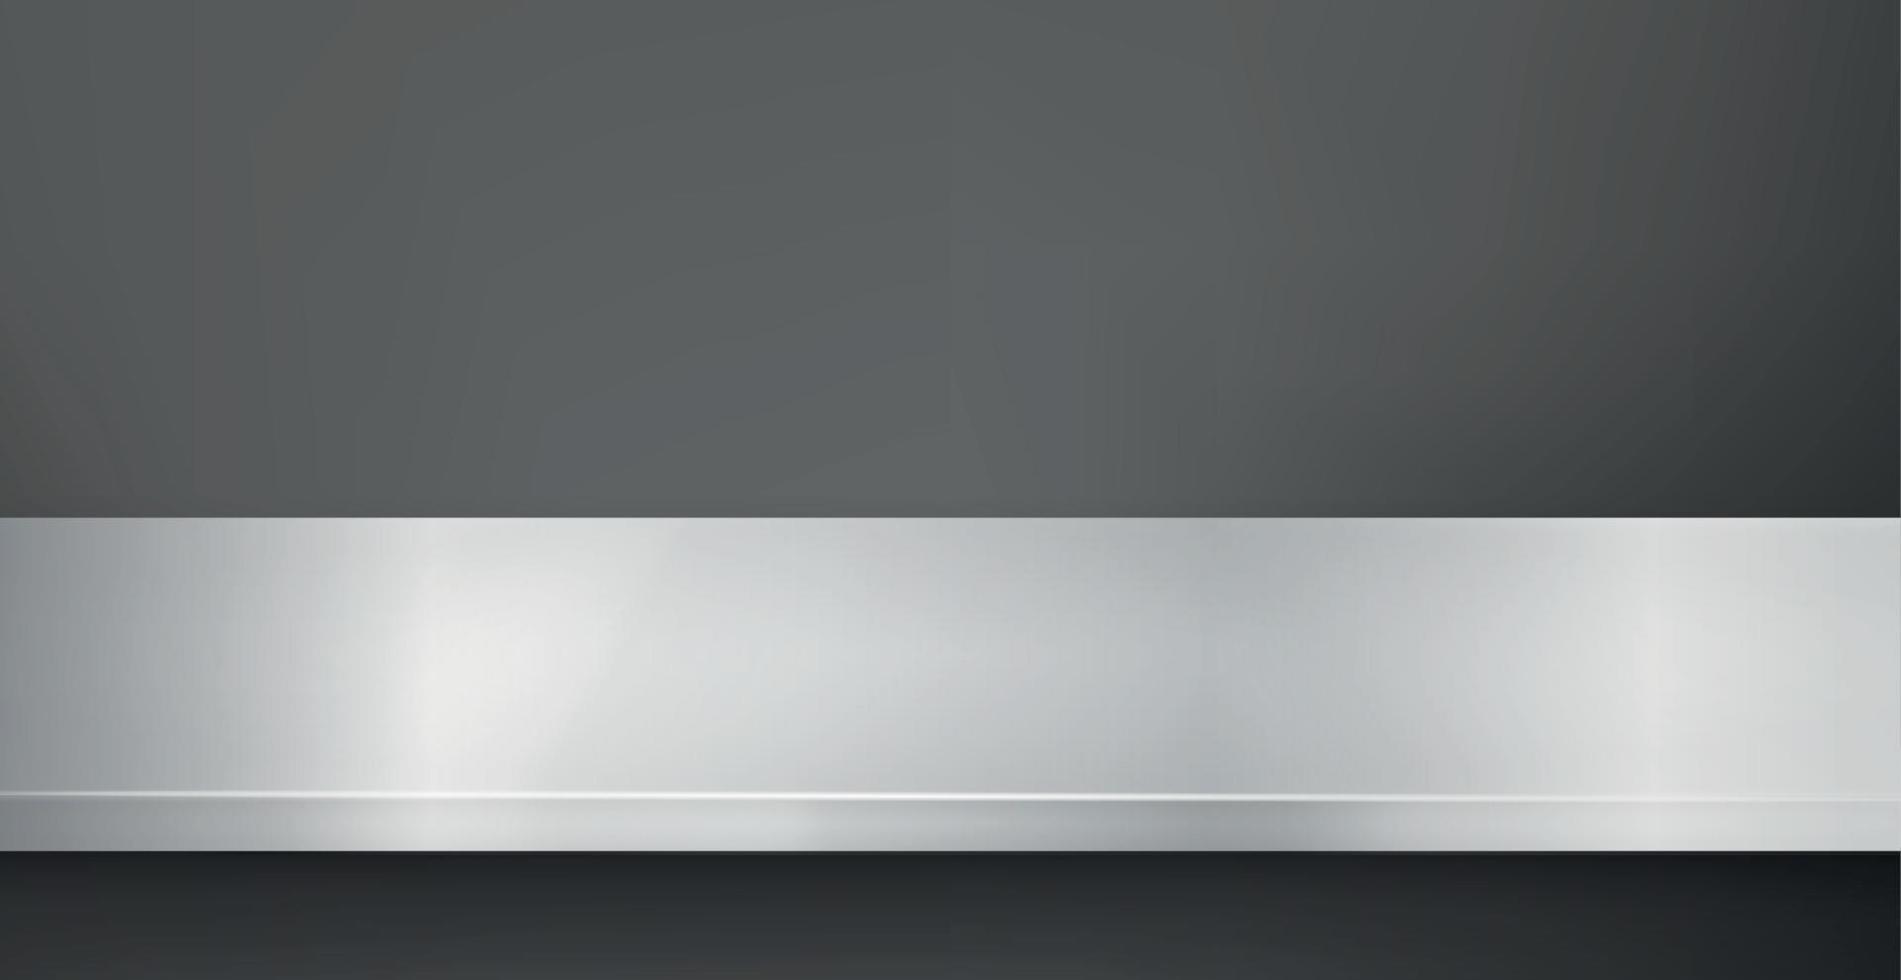 bänkskiva i metall, järnstruktur, stort bord på en svart bakgrund - vektor